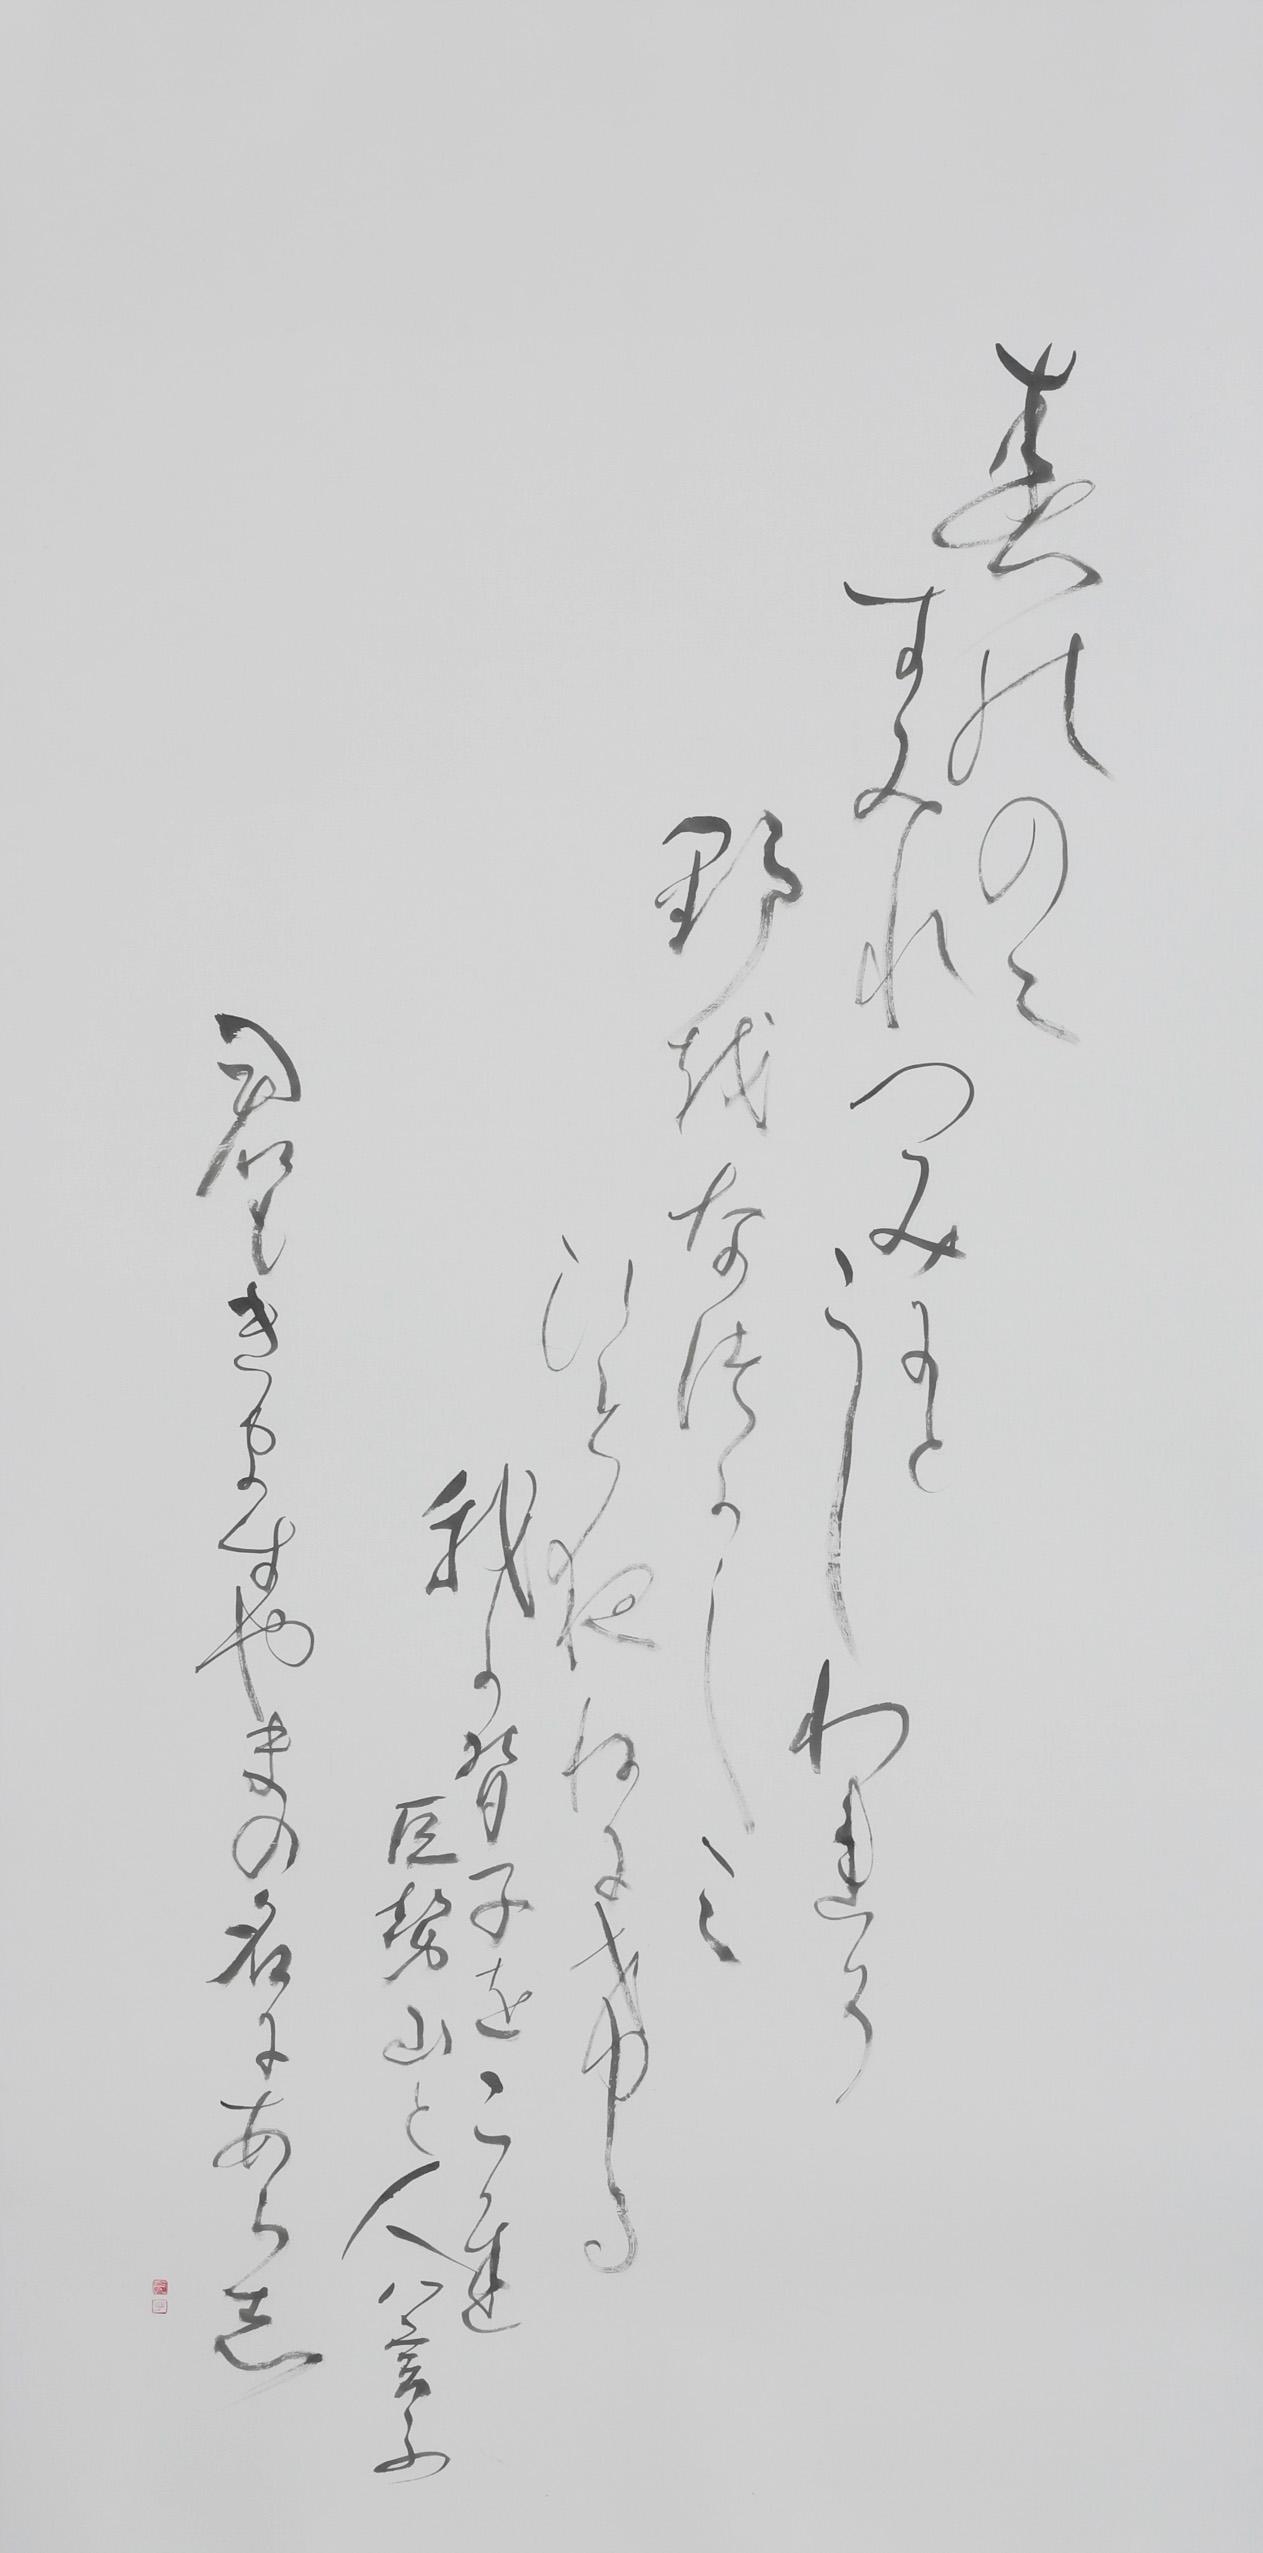 第33回産経国際書展出品作品「豊」